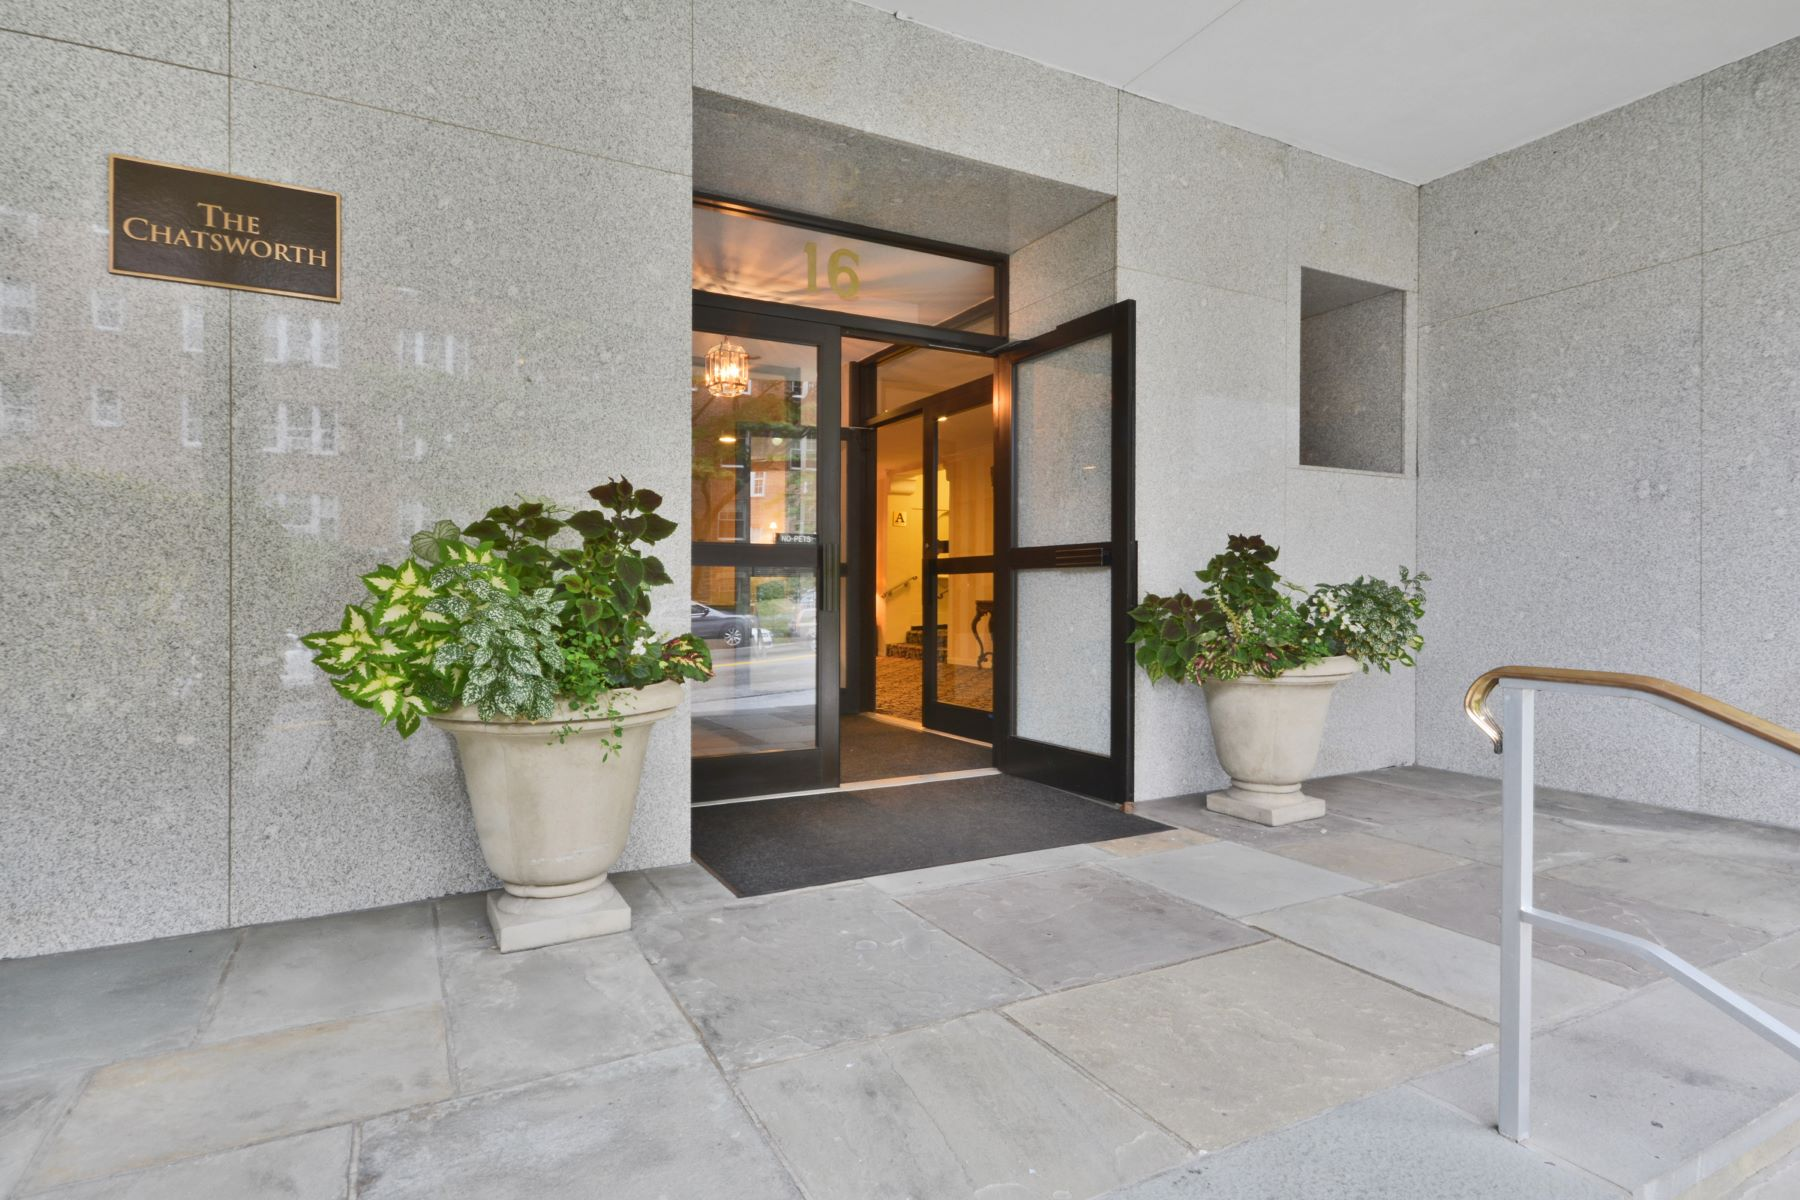 Mietervereinswohnung für Verkauf beim Serene Location Close to Town 16 North Chatsworth Avenue 504 Larchmont, New York, 10538 Vereinigte Staaten